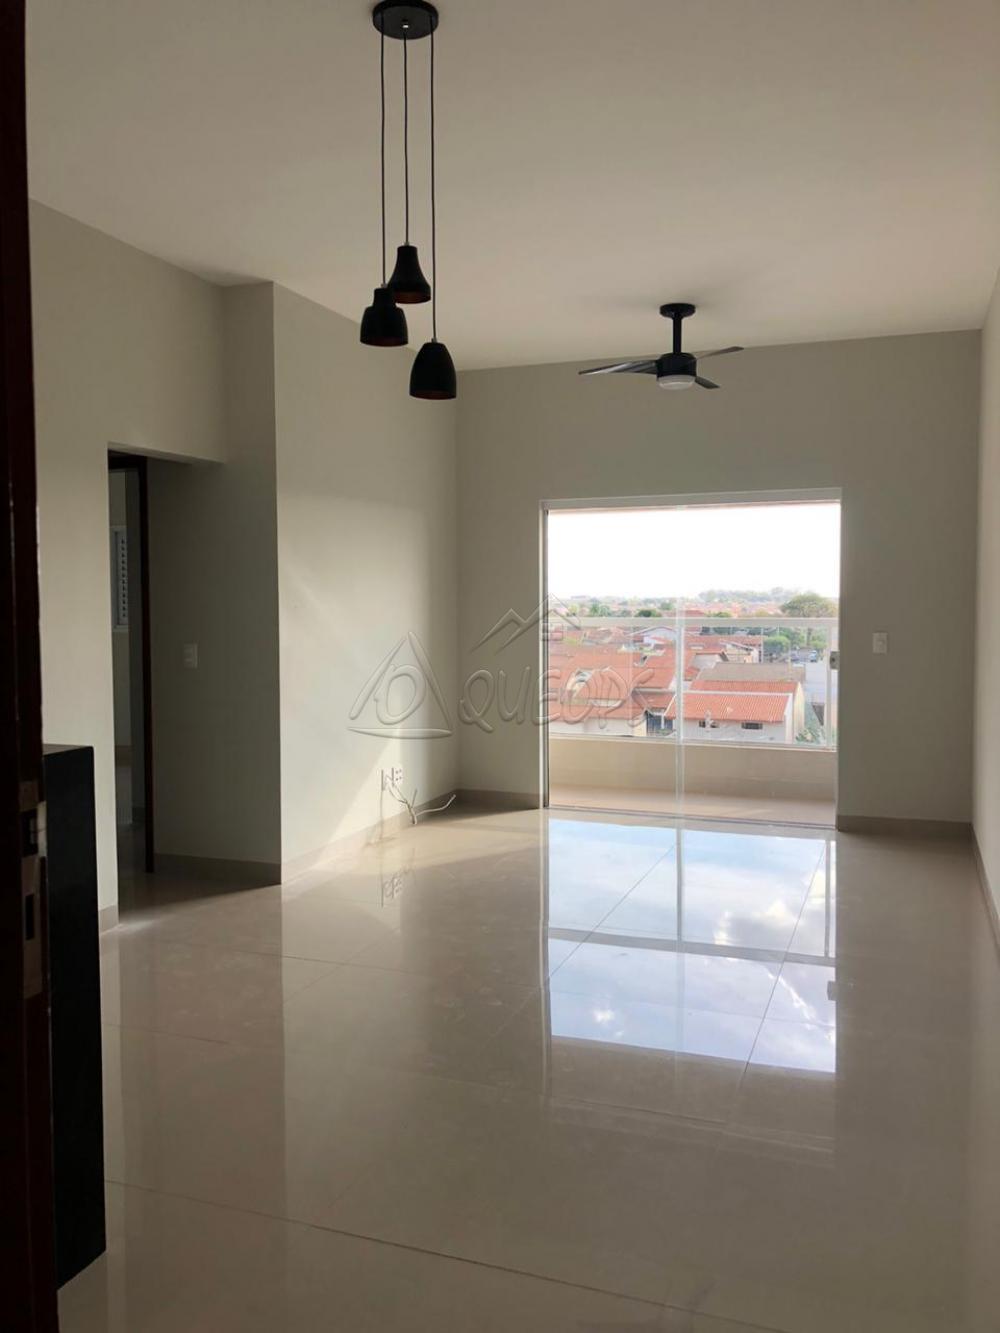 Alugar Apartamento / Padrão em Barretos apenas R$ 2.500,00 - Foto 3